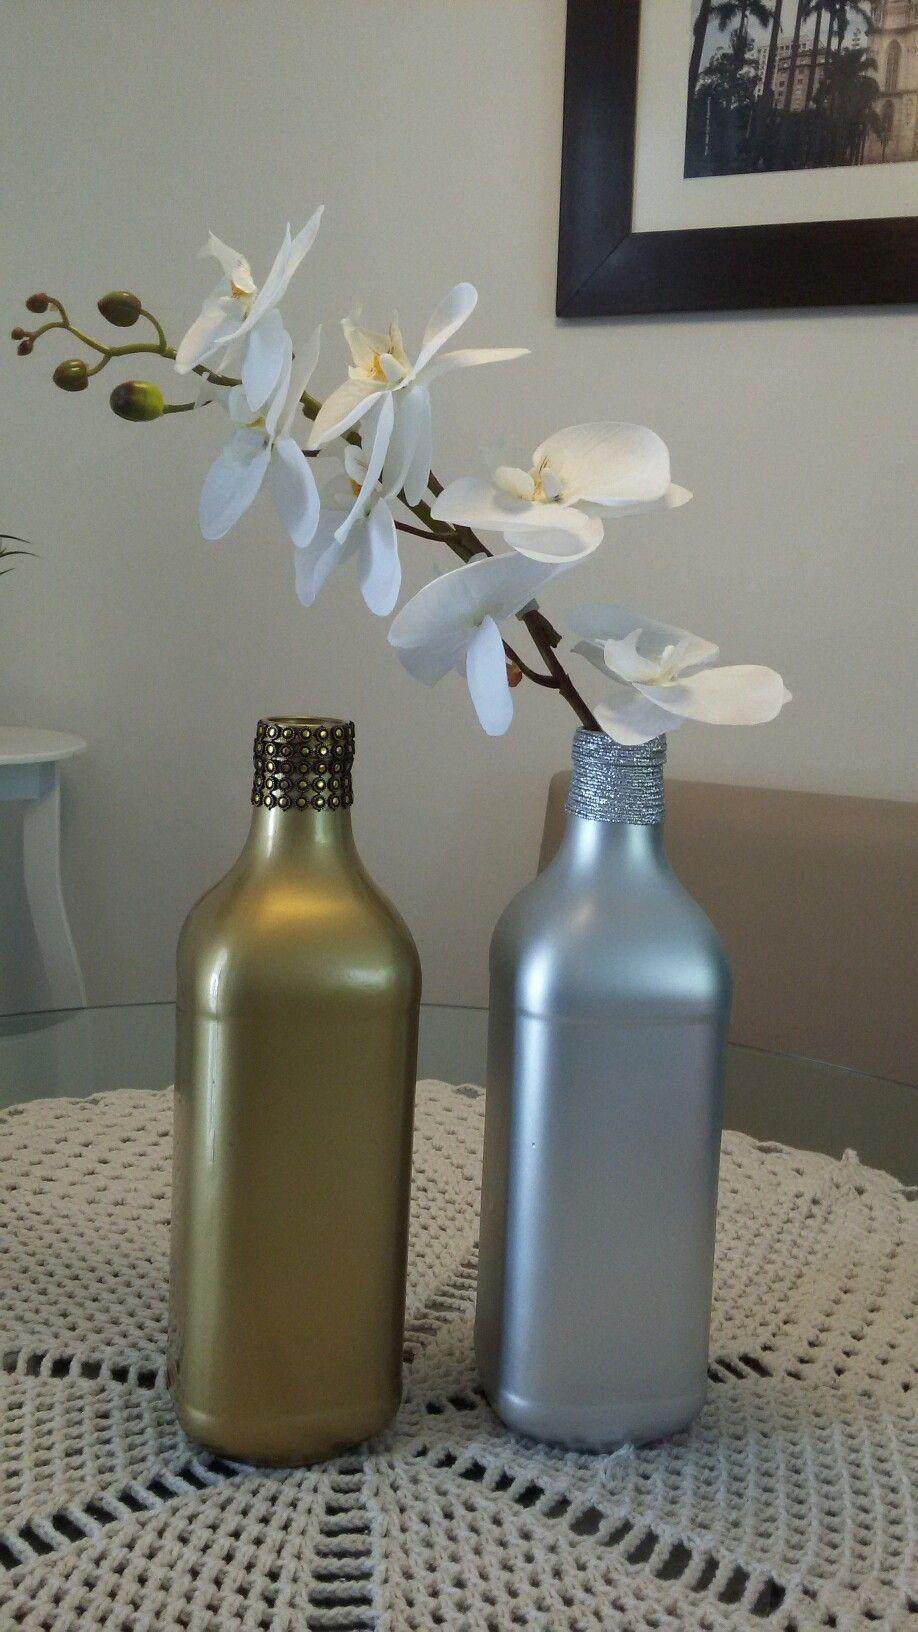 Garrafa de suco de uva decorada